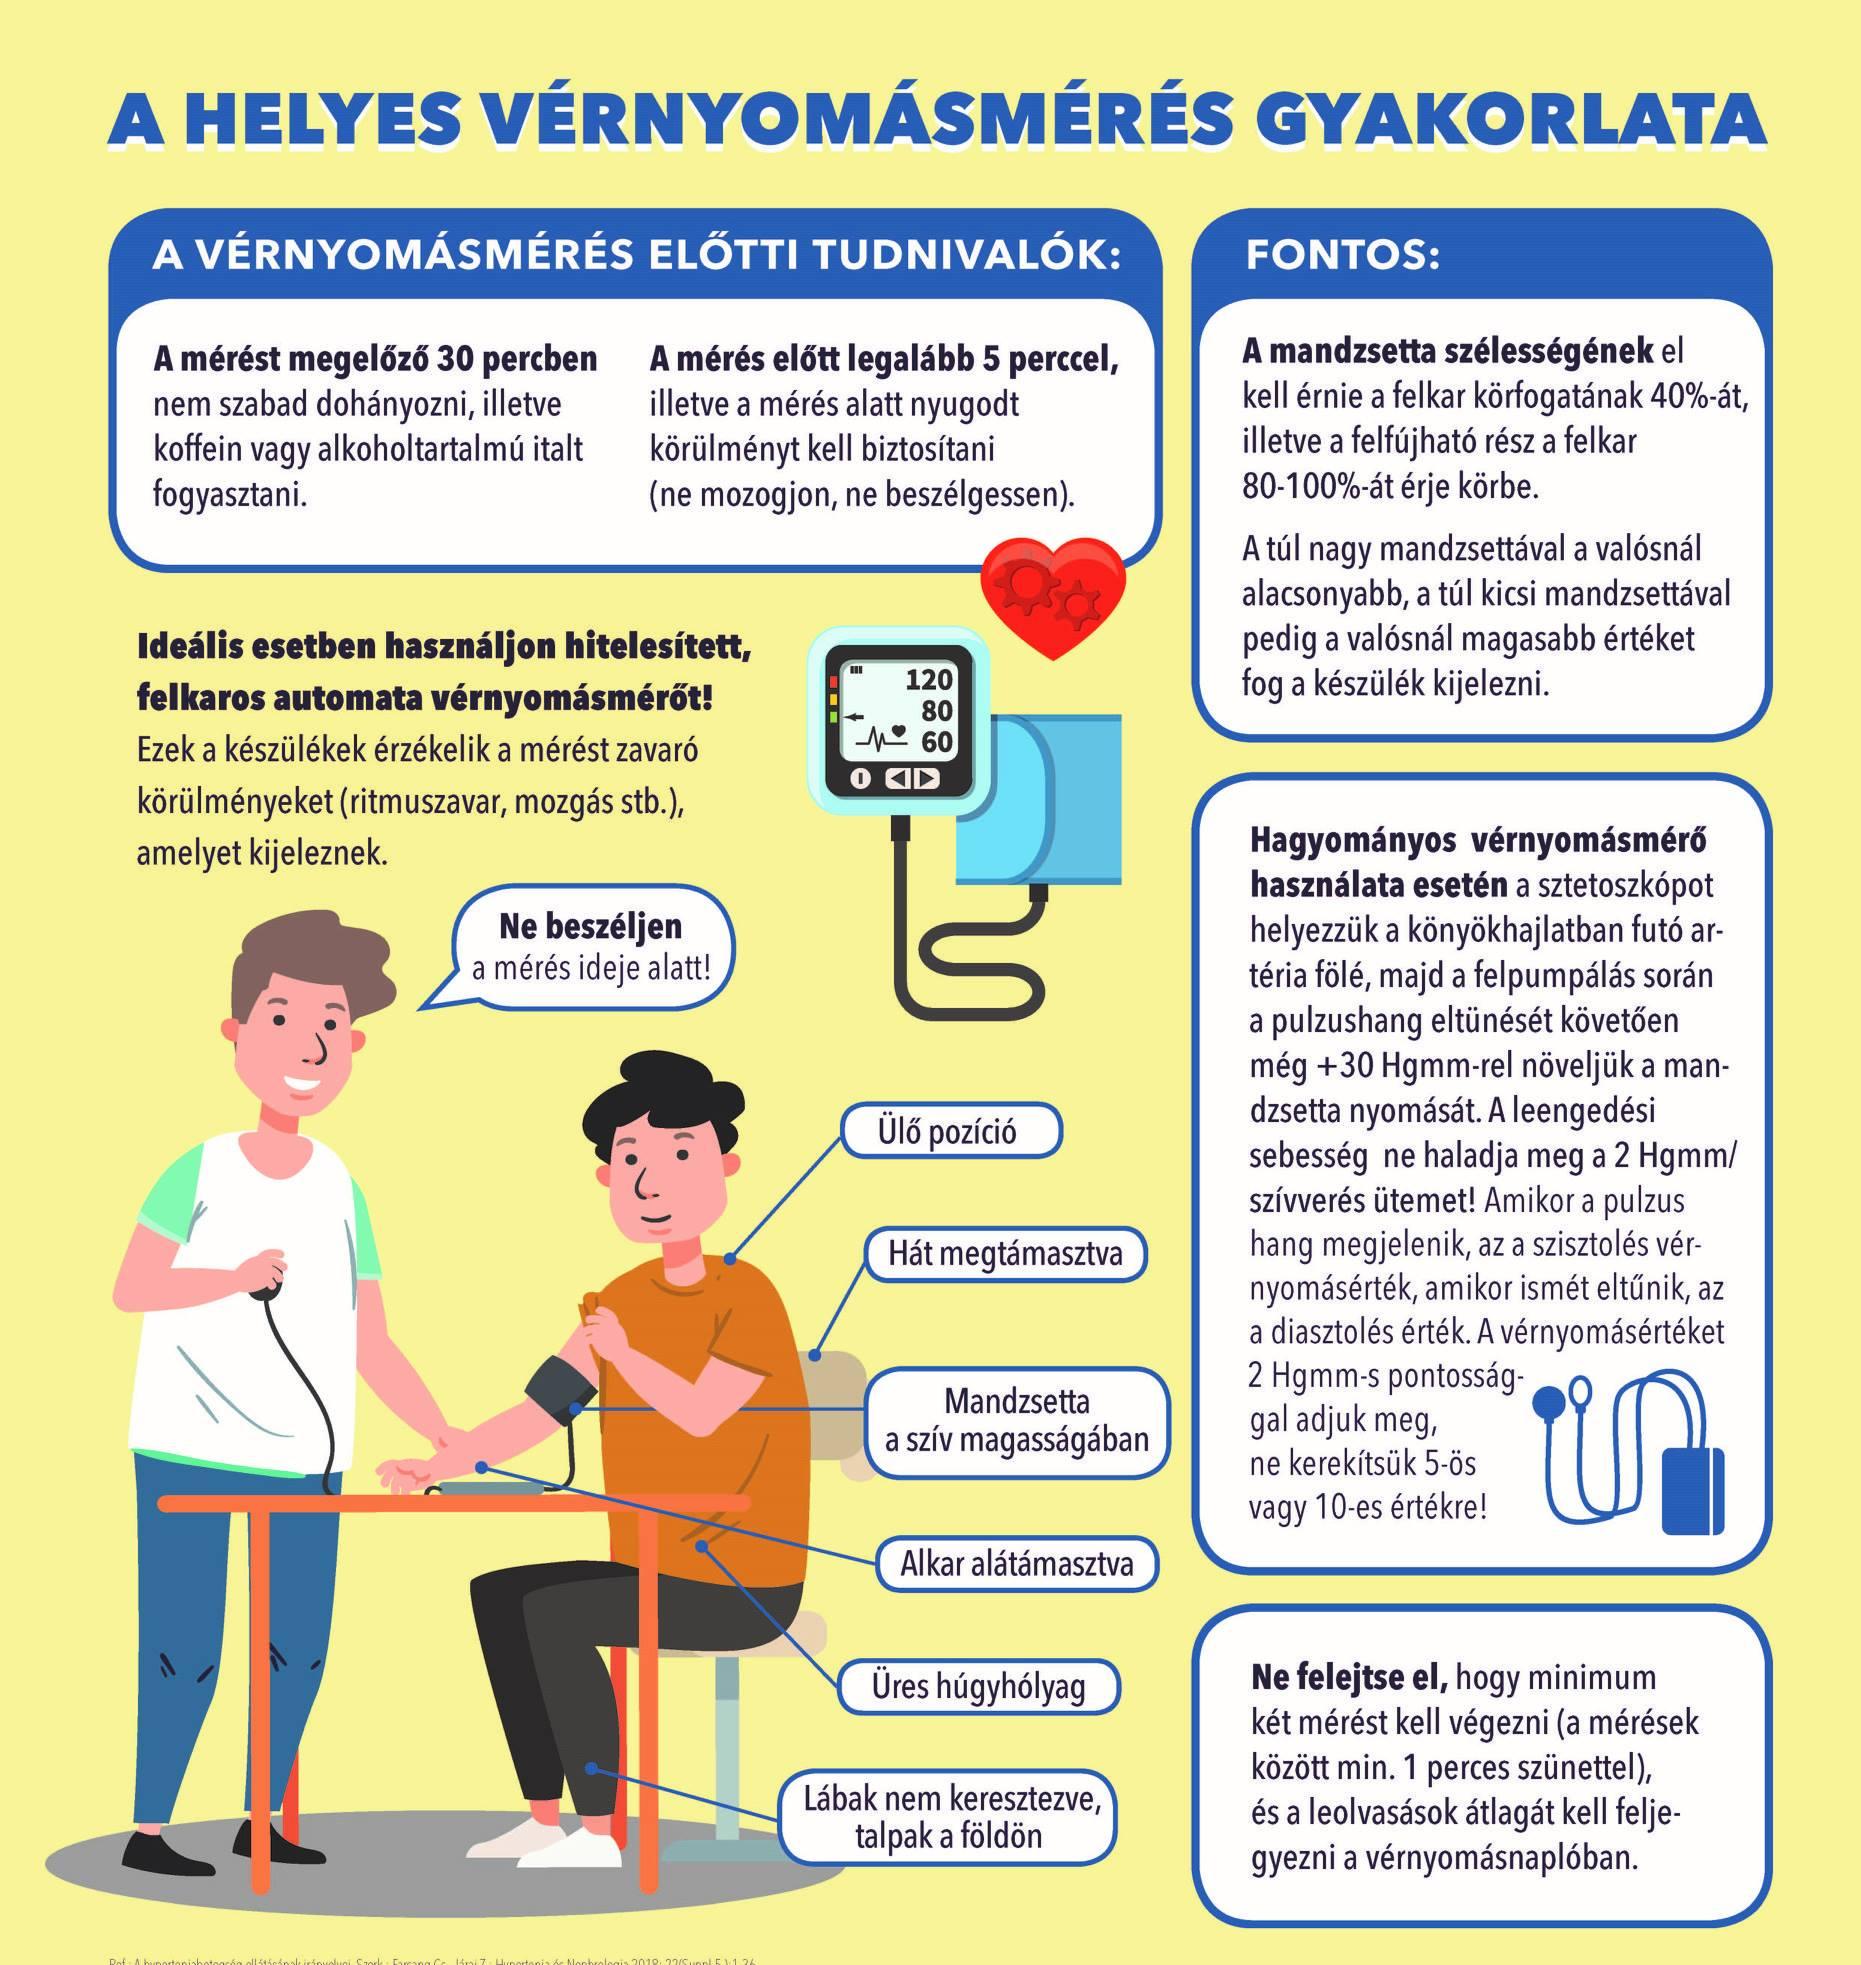 hogyan kell kezelni a magas vérnyomást 60 évesen a maklyura tinktúrája magas vérnyomás esetén